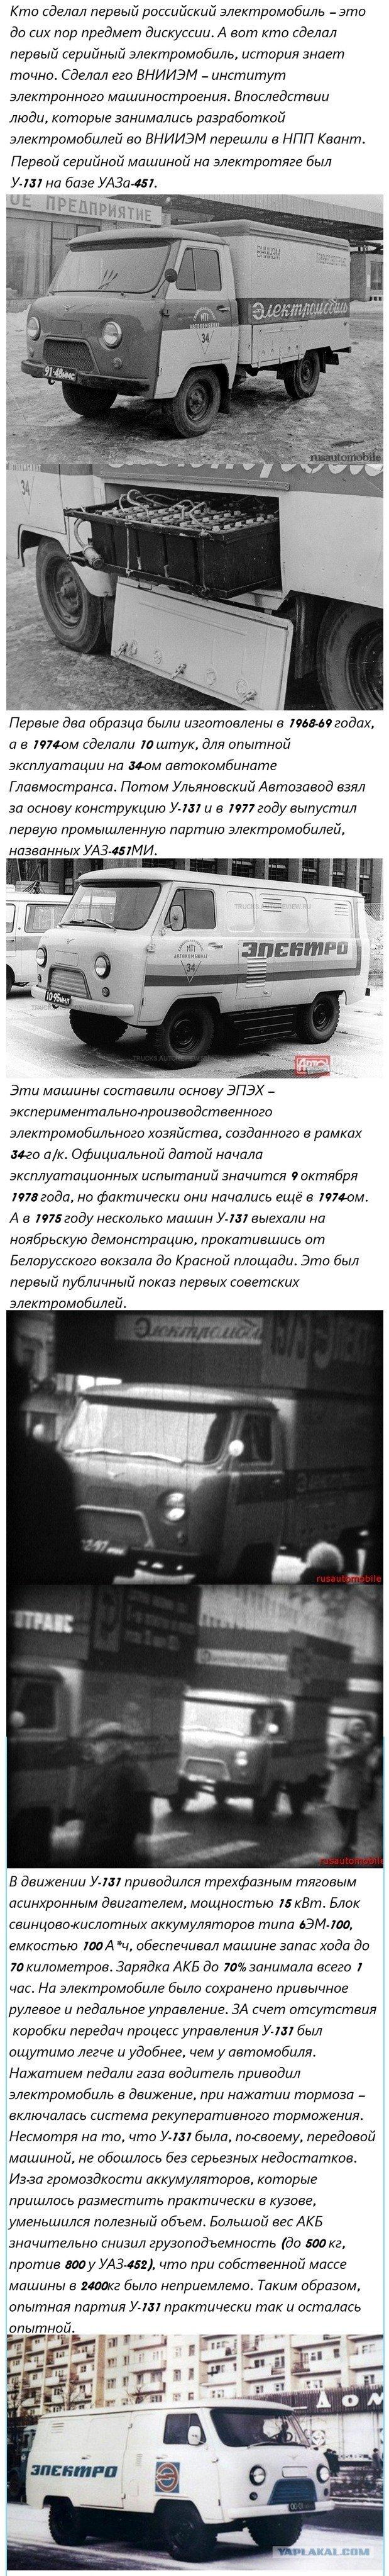 pravda-tv_2015-03-30_00-02-07